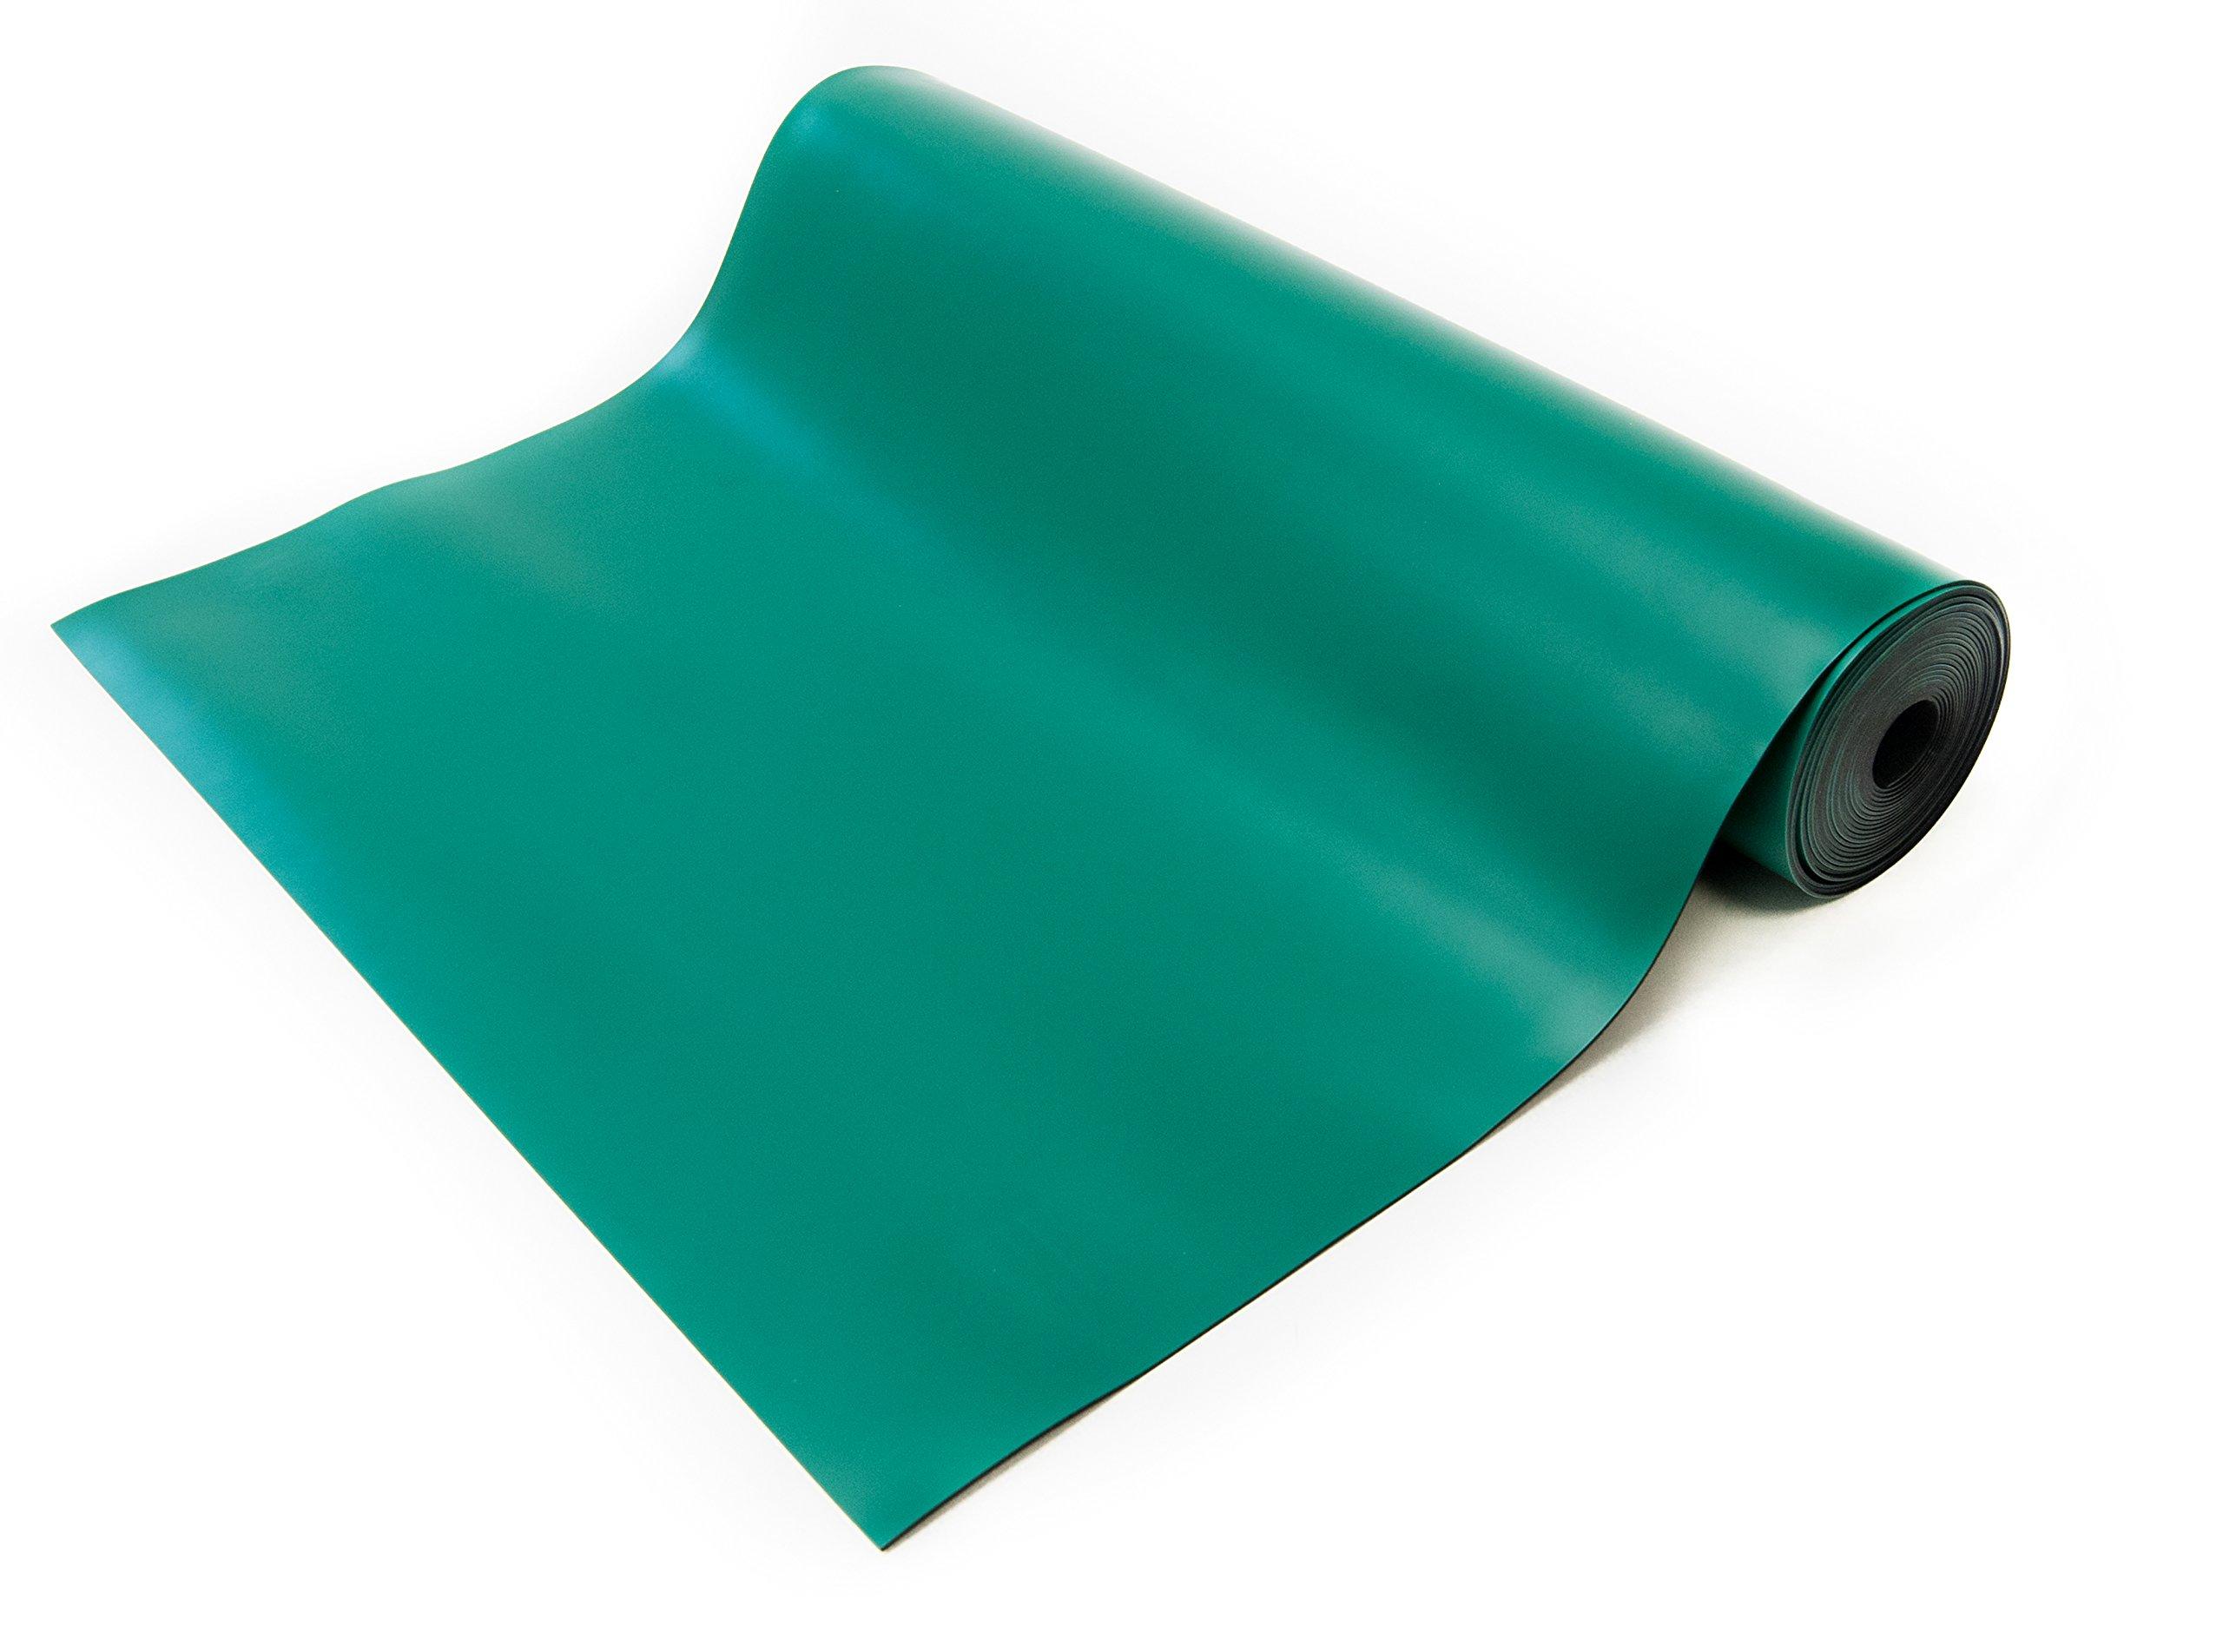 Bertech ESD High Temperature Rubber Mat Roll 2' Wide x 10' Long x 0.08'' Thick, Green